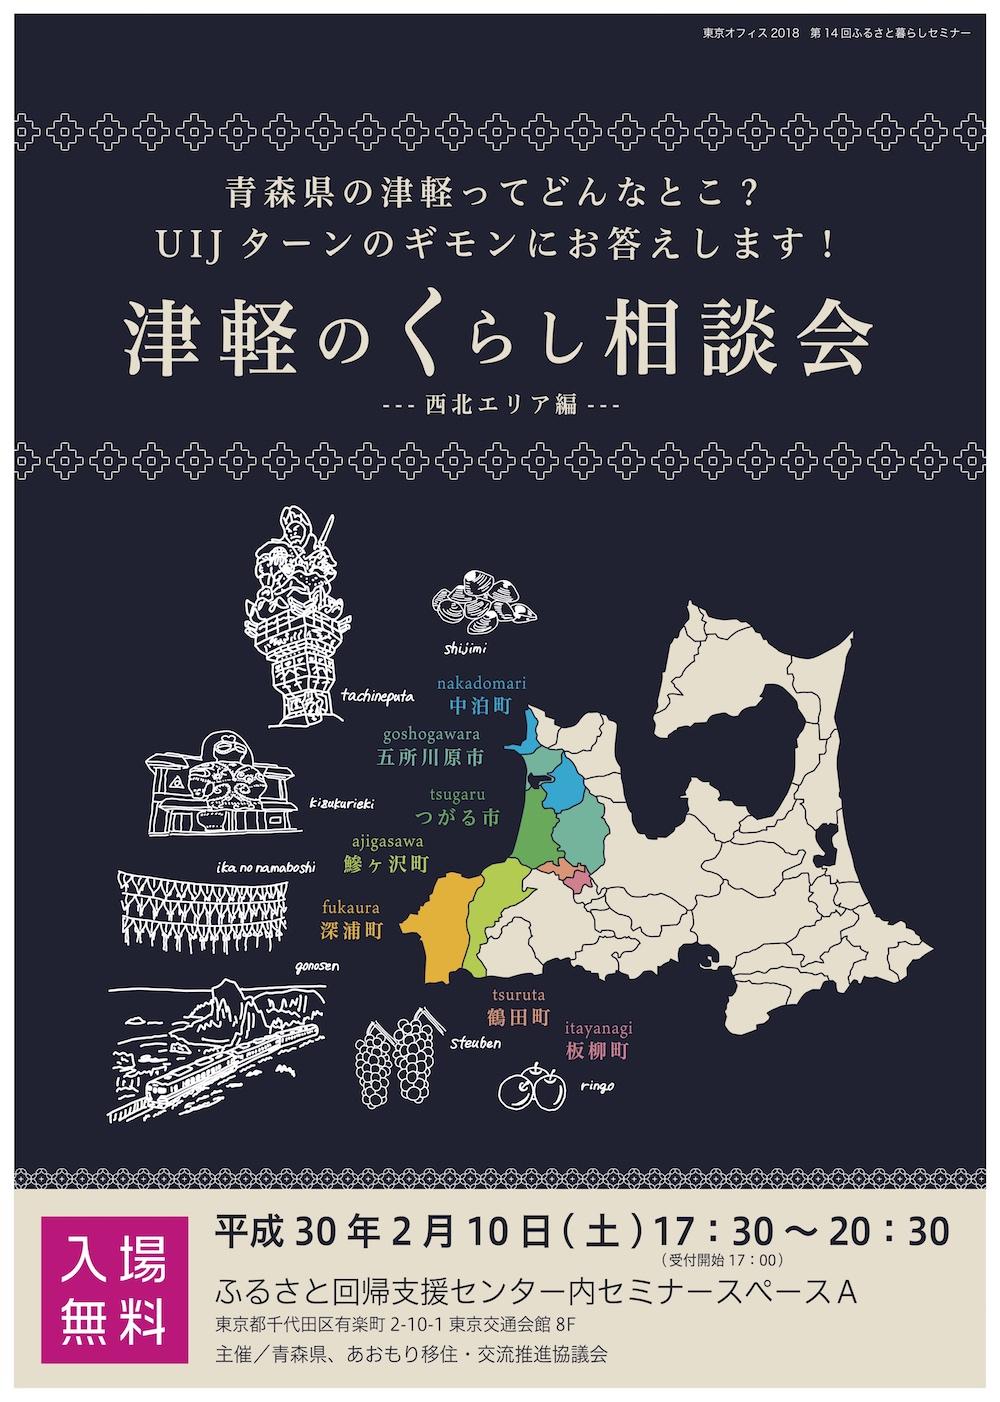 津軽のくらし相談会 西北エリア 詳細ページへ